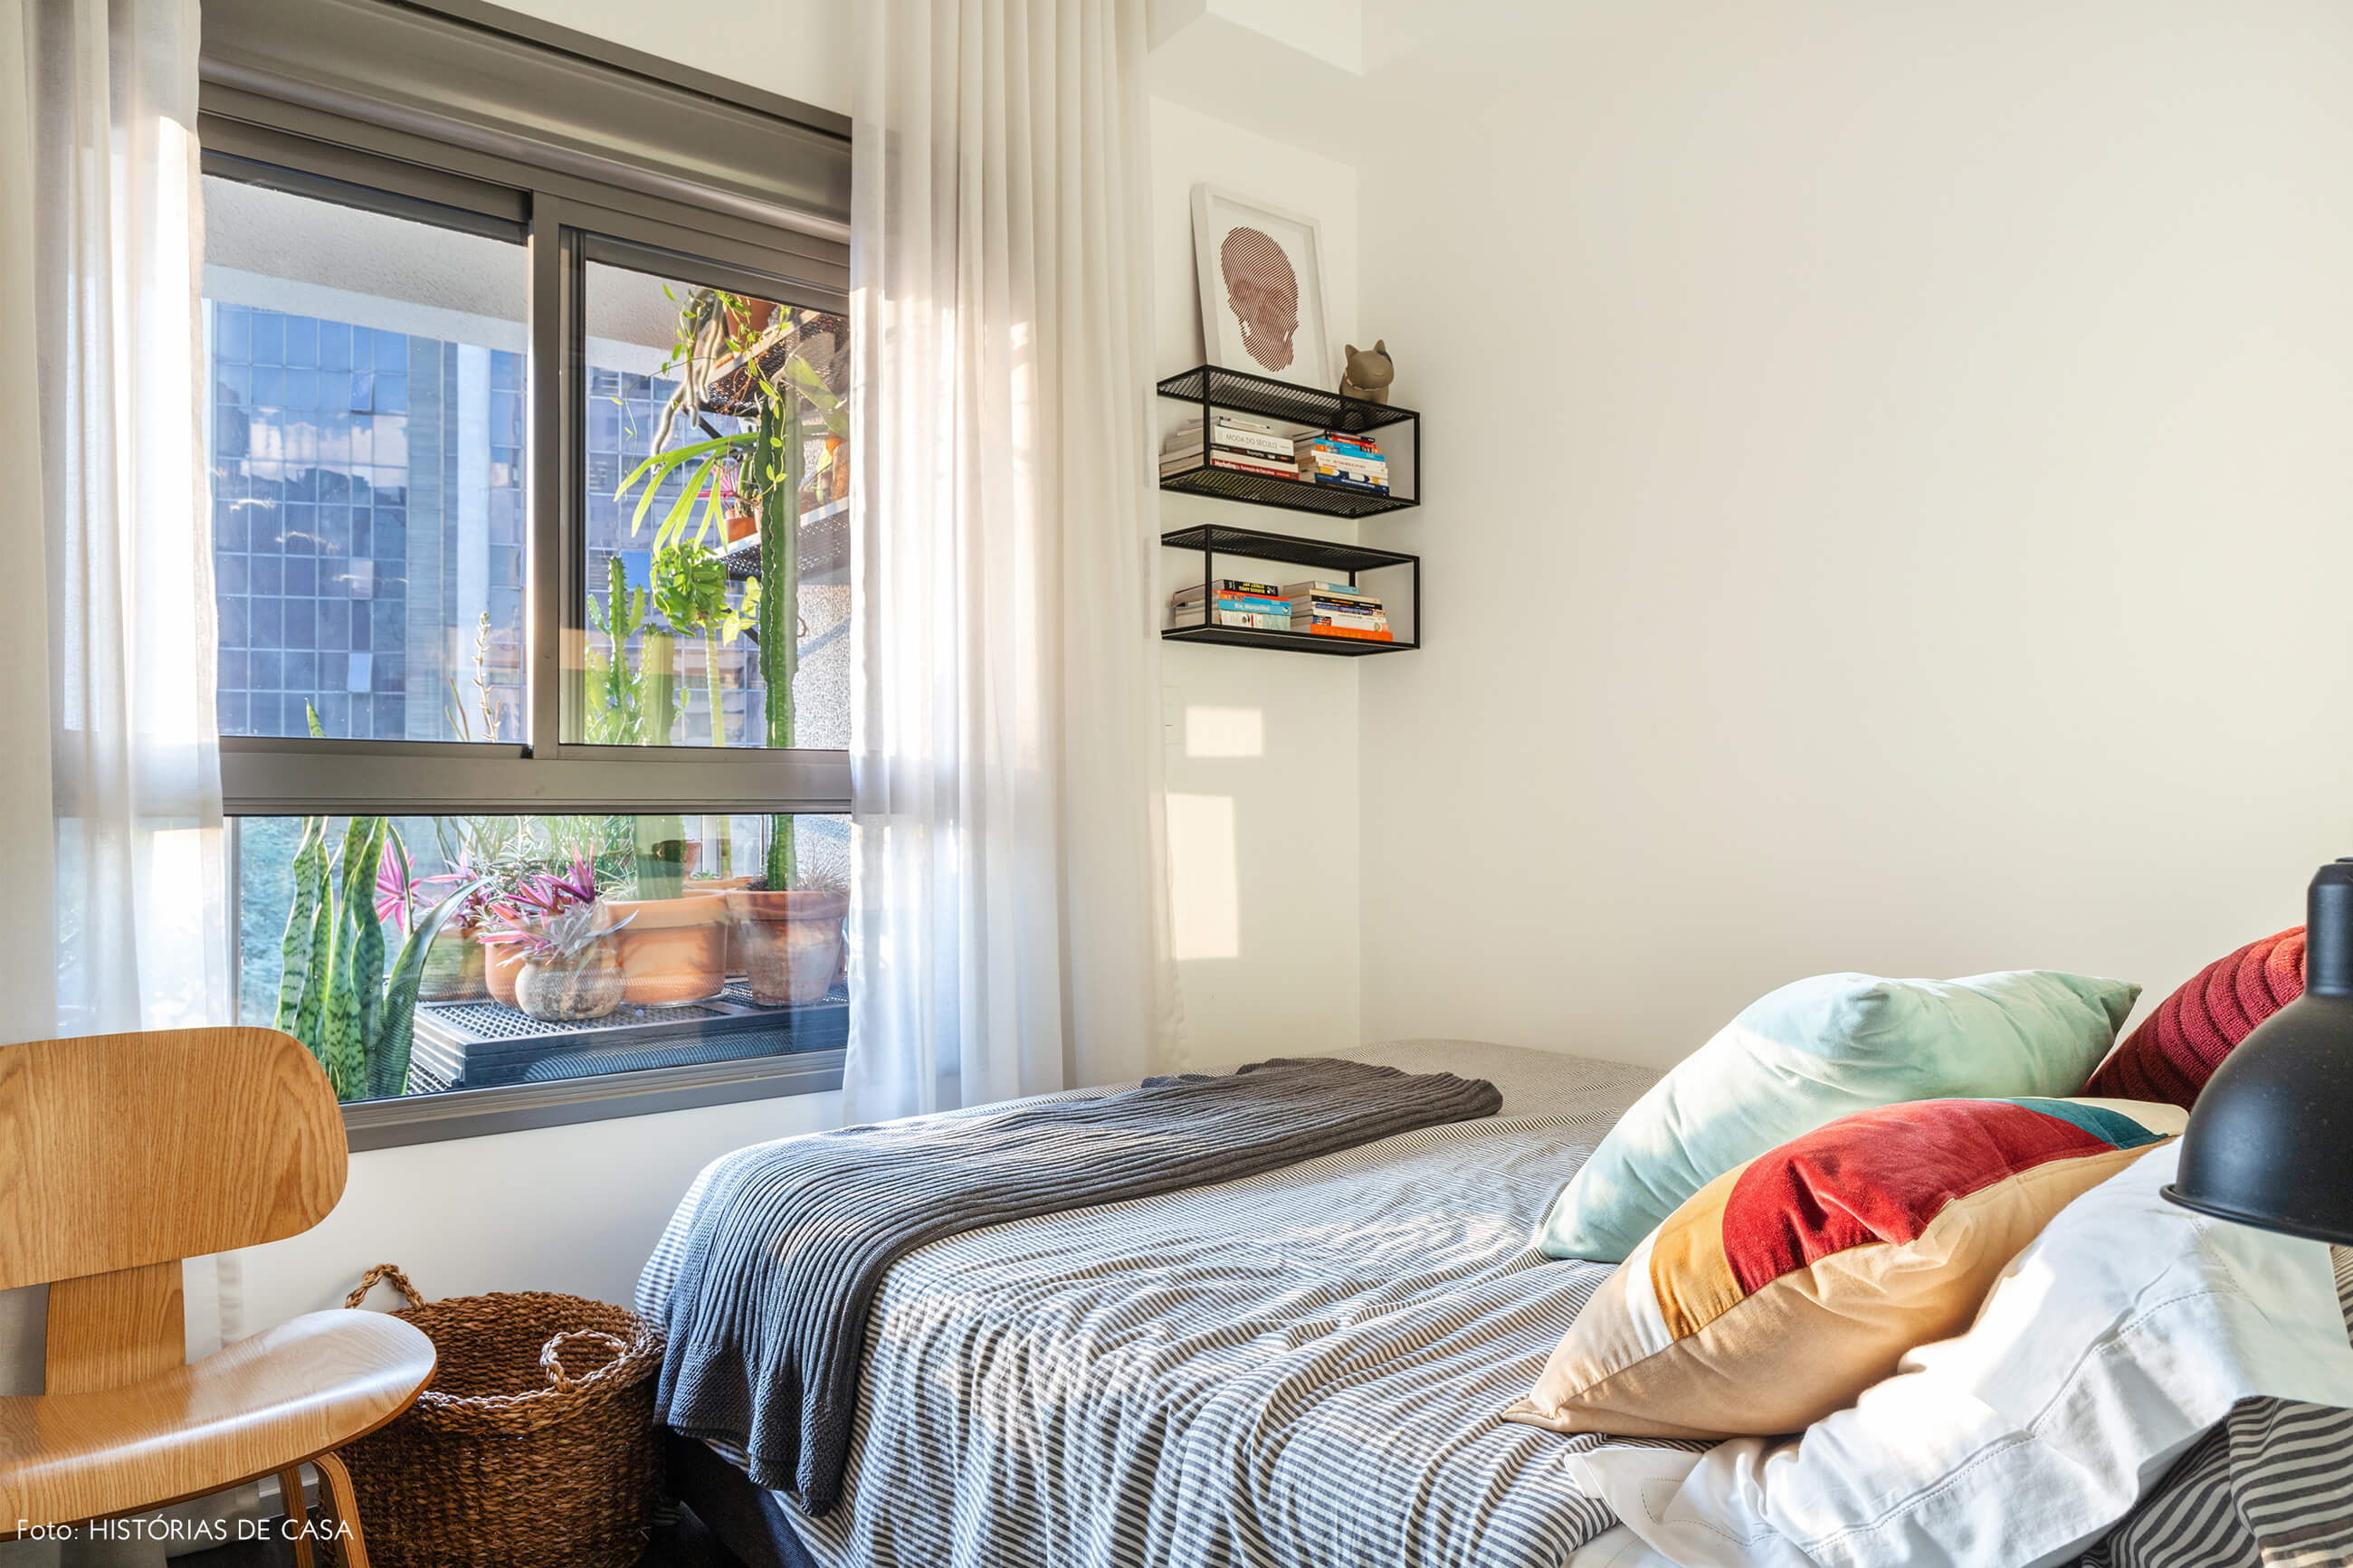 Quarto com cama com lençol listrado e almofadas coloridas